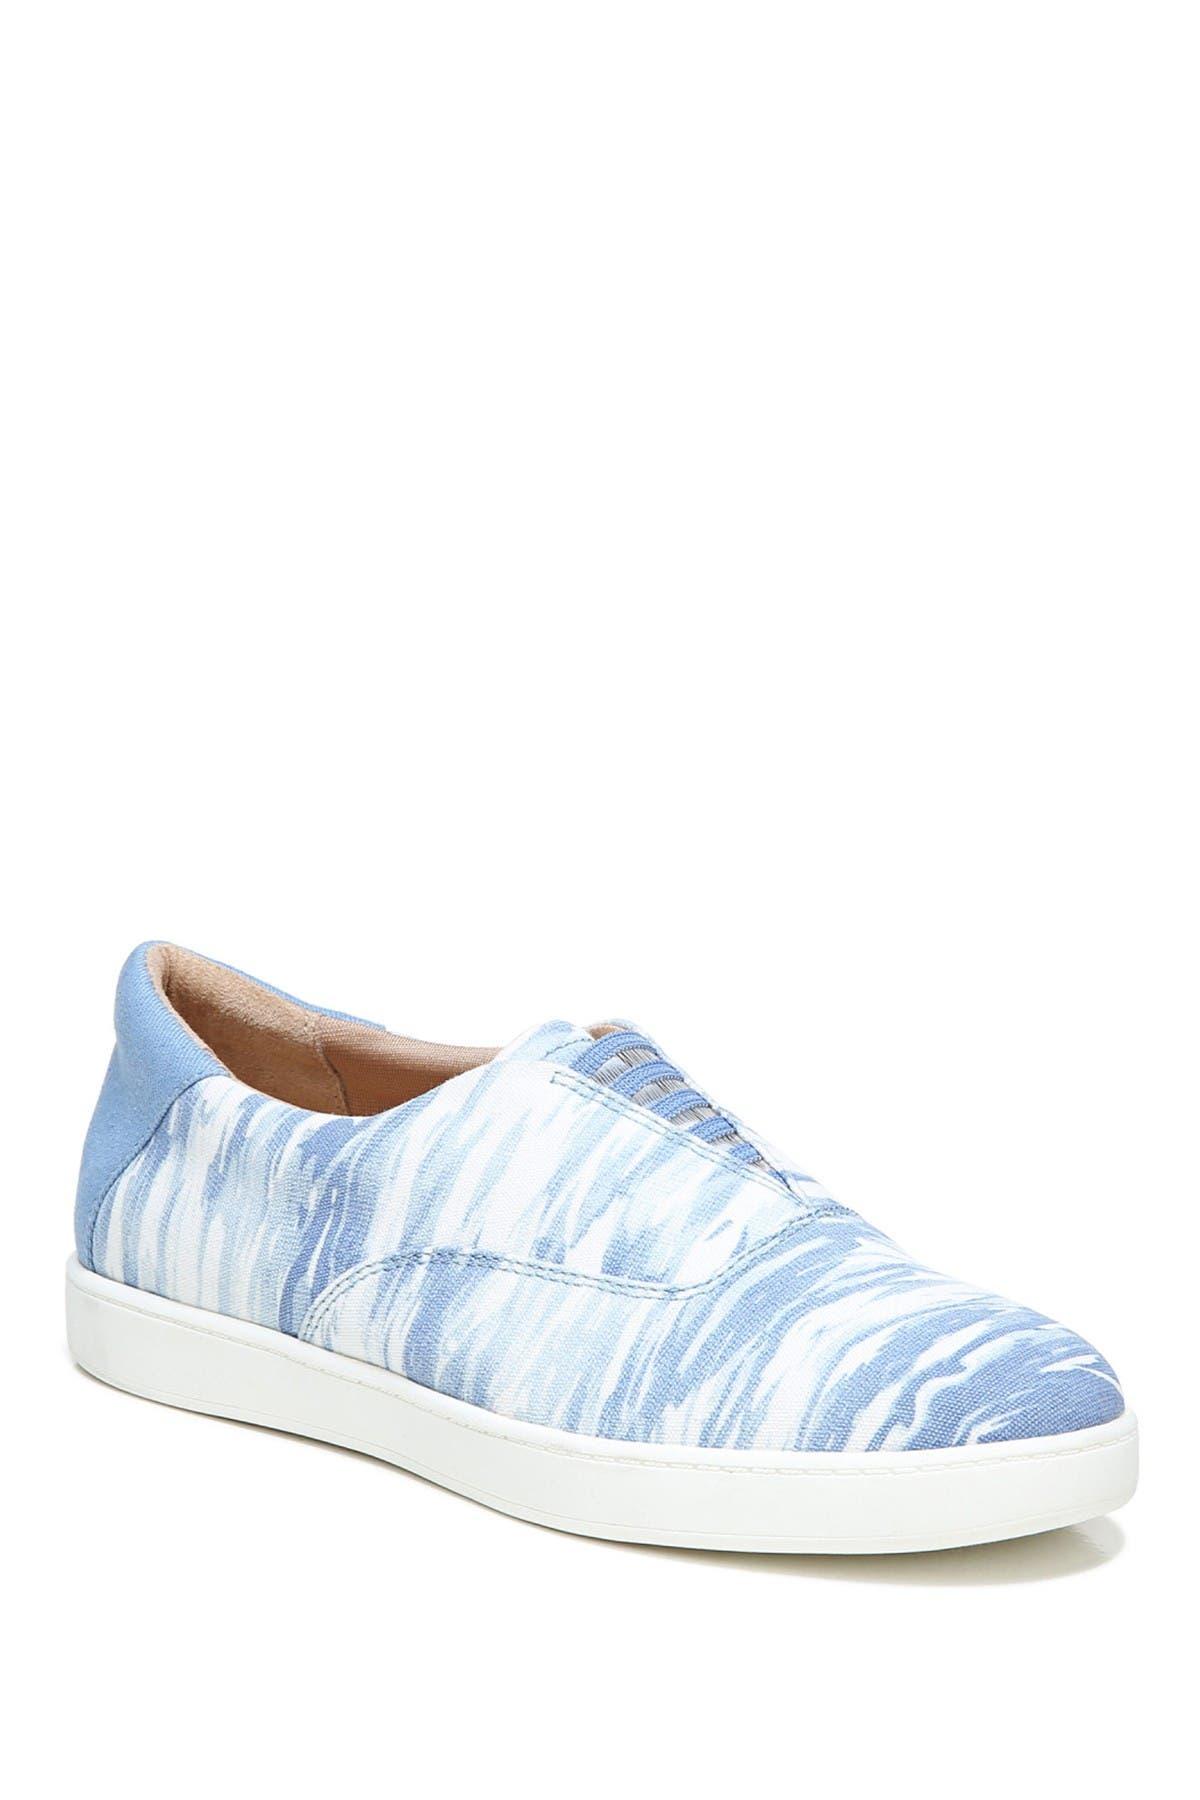 Lifestride Sneakers EMILY SLIP-ON SNEAKER